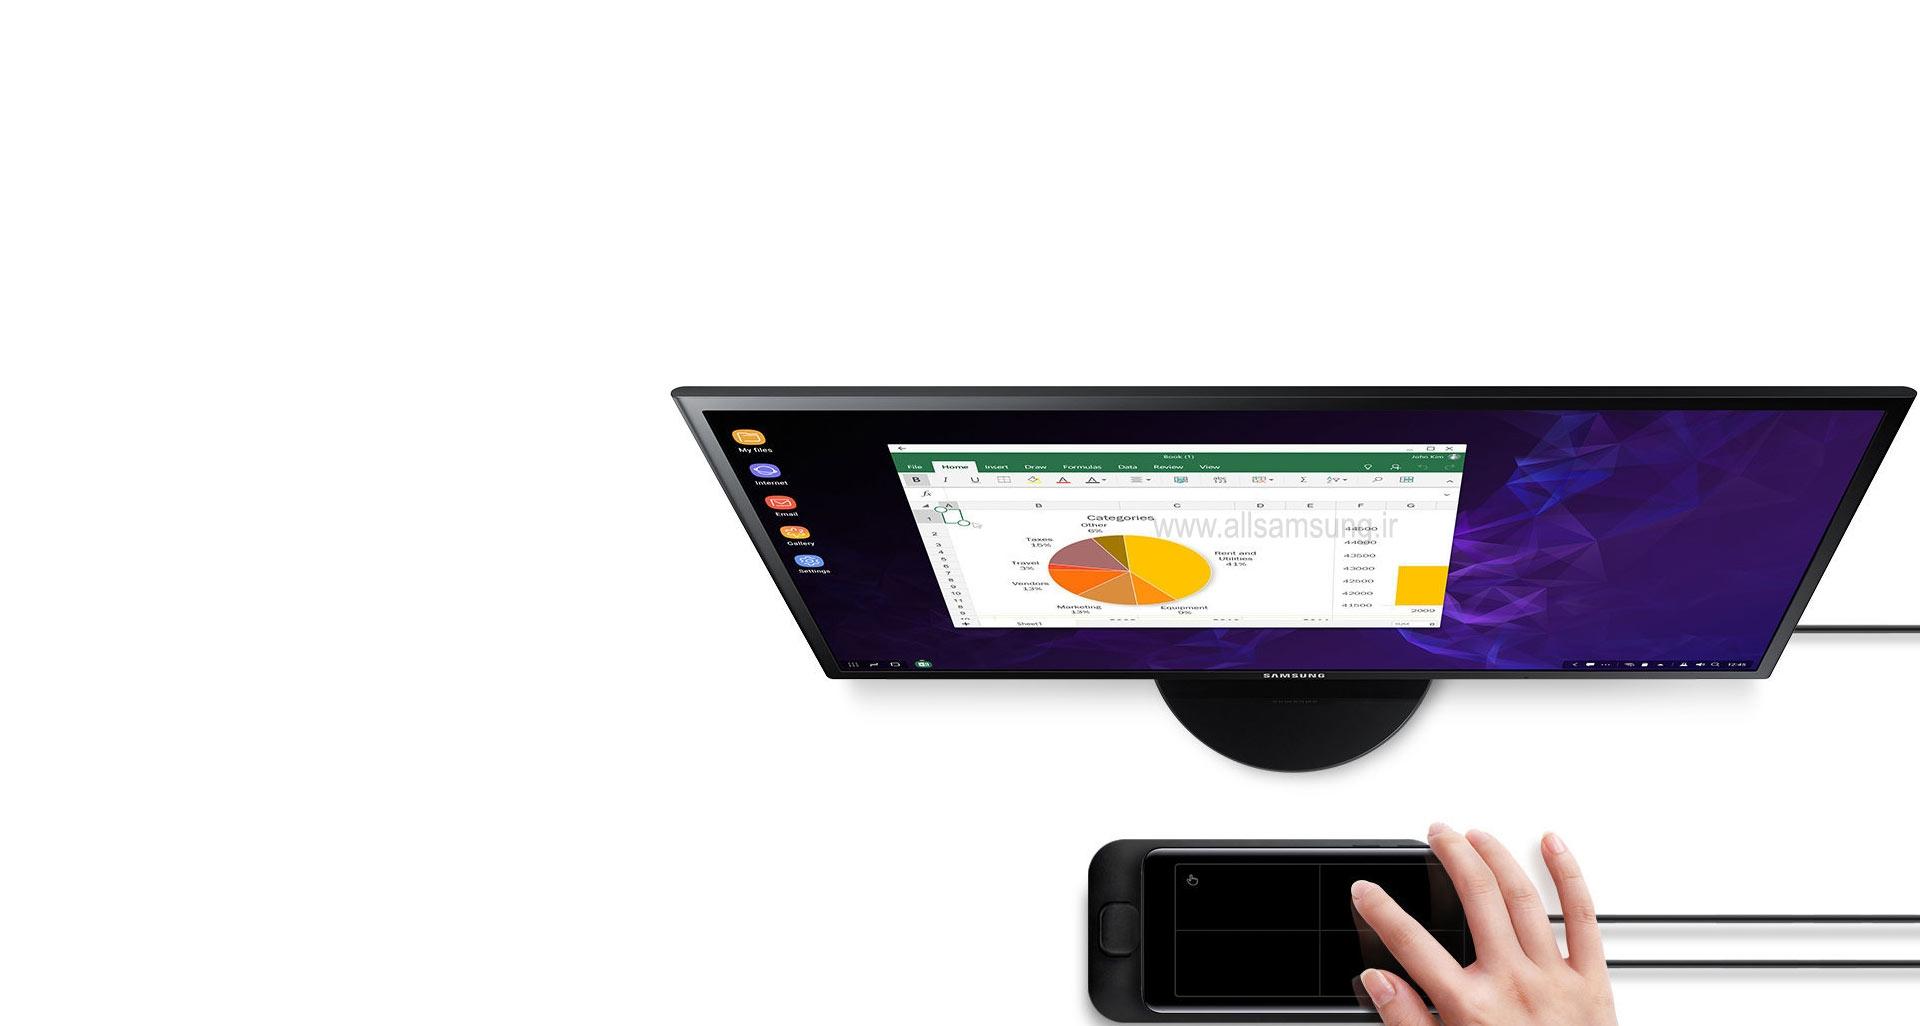 دسترسی به اپلیکیشن های کاربردی موبایل بر روی دسکتاپ با دکس پد